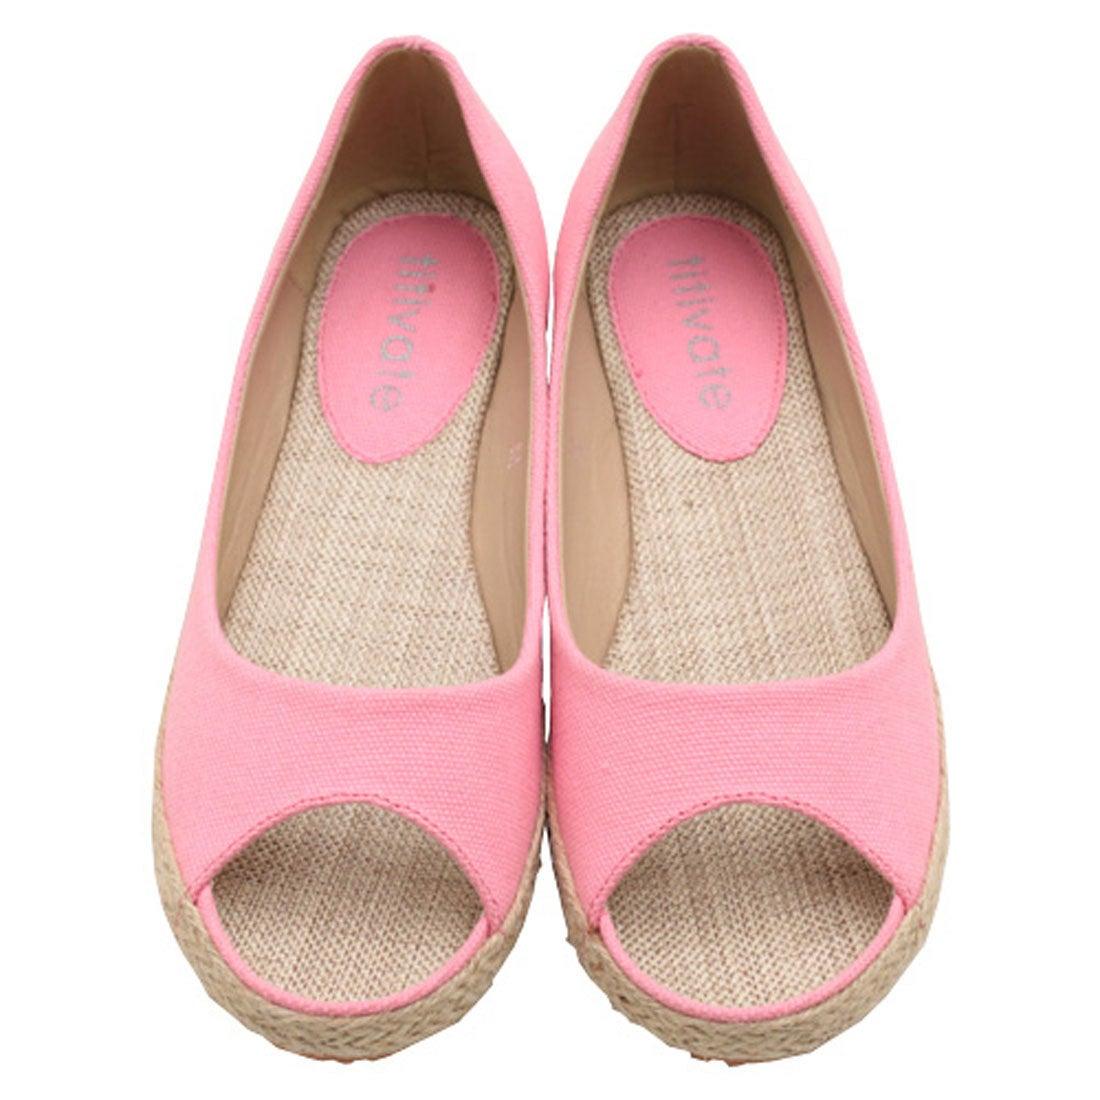 ティティベイト titivate ぺたんこパンプス (ピンク) -アウトレット通販 ロコレット (LOCOLET)